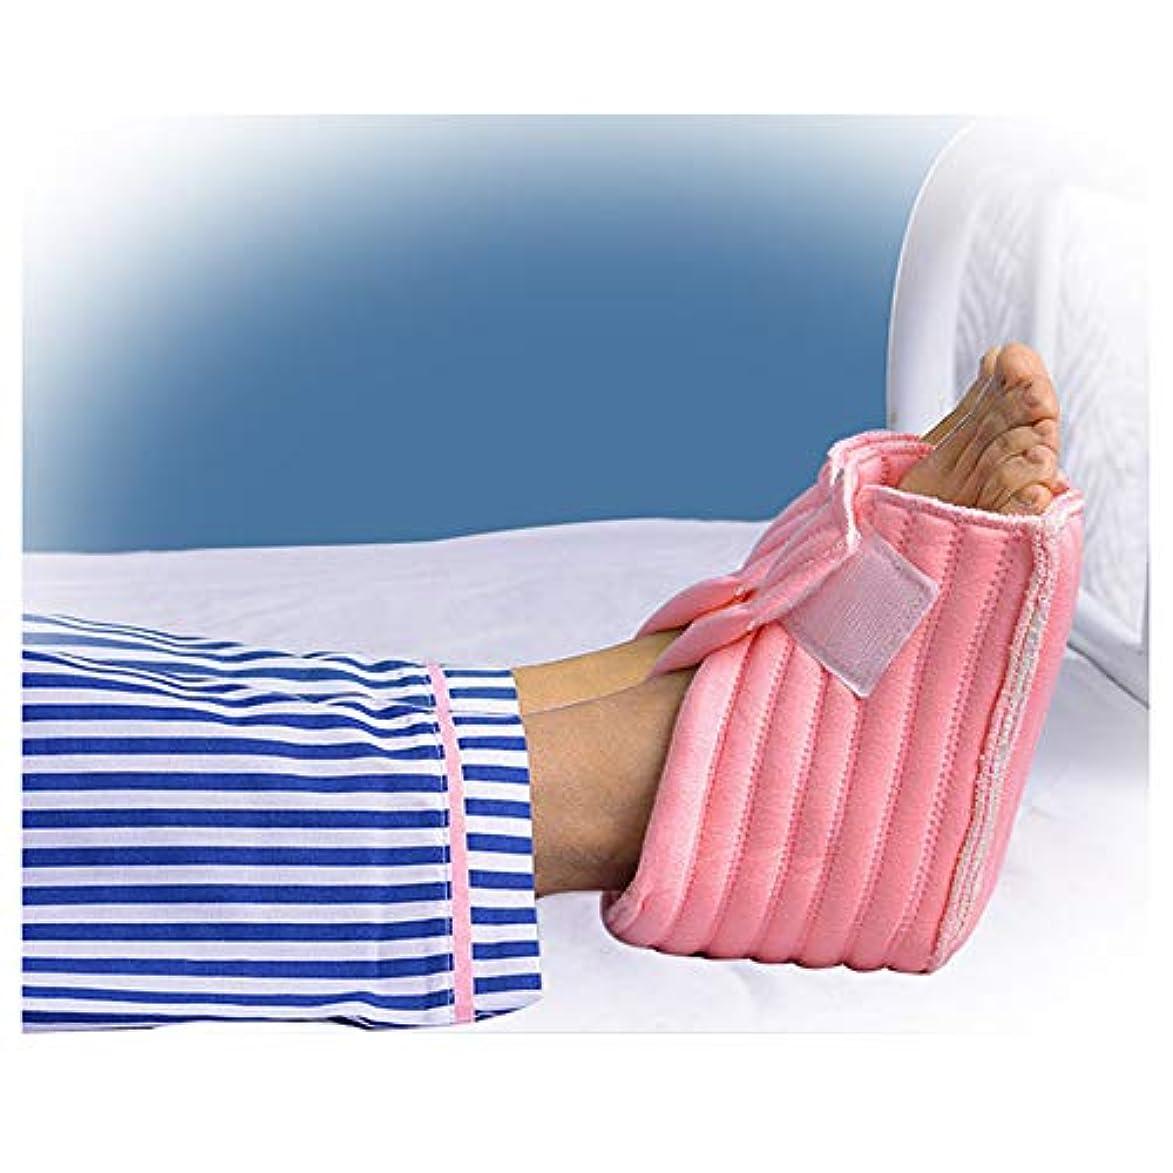 開拓者世界的にくさびヒールプロテクター枕、足首サポート枕フットプロテクション、足枕、1ペア、ピンク